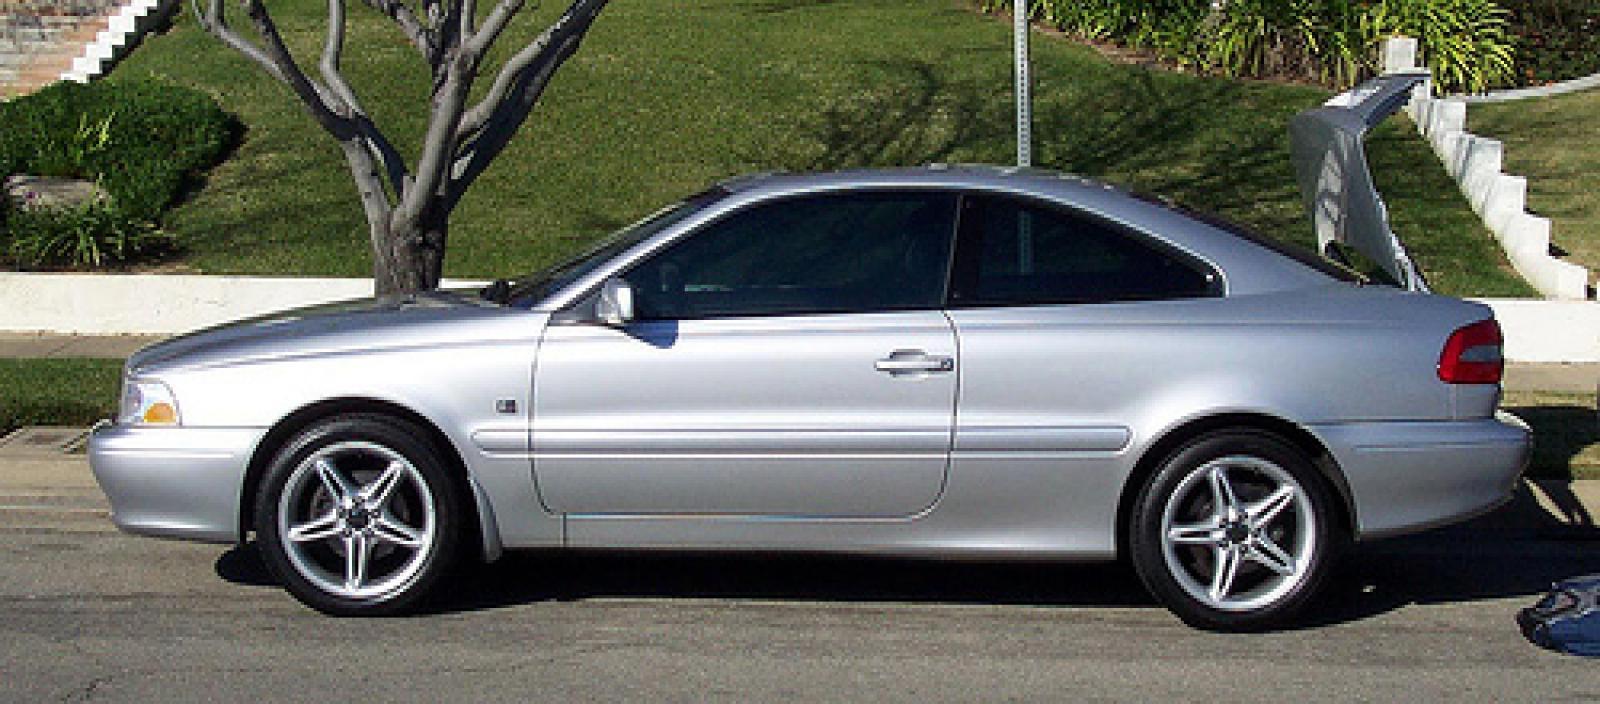 2001 Volvo C70 #1 800 1024 1280 1600 origin